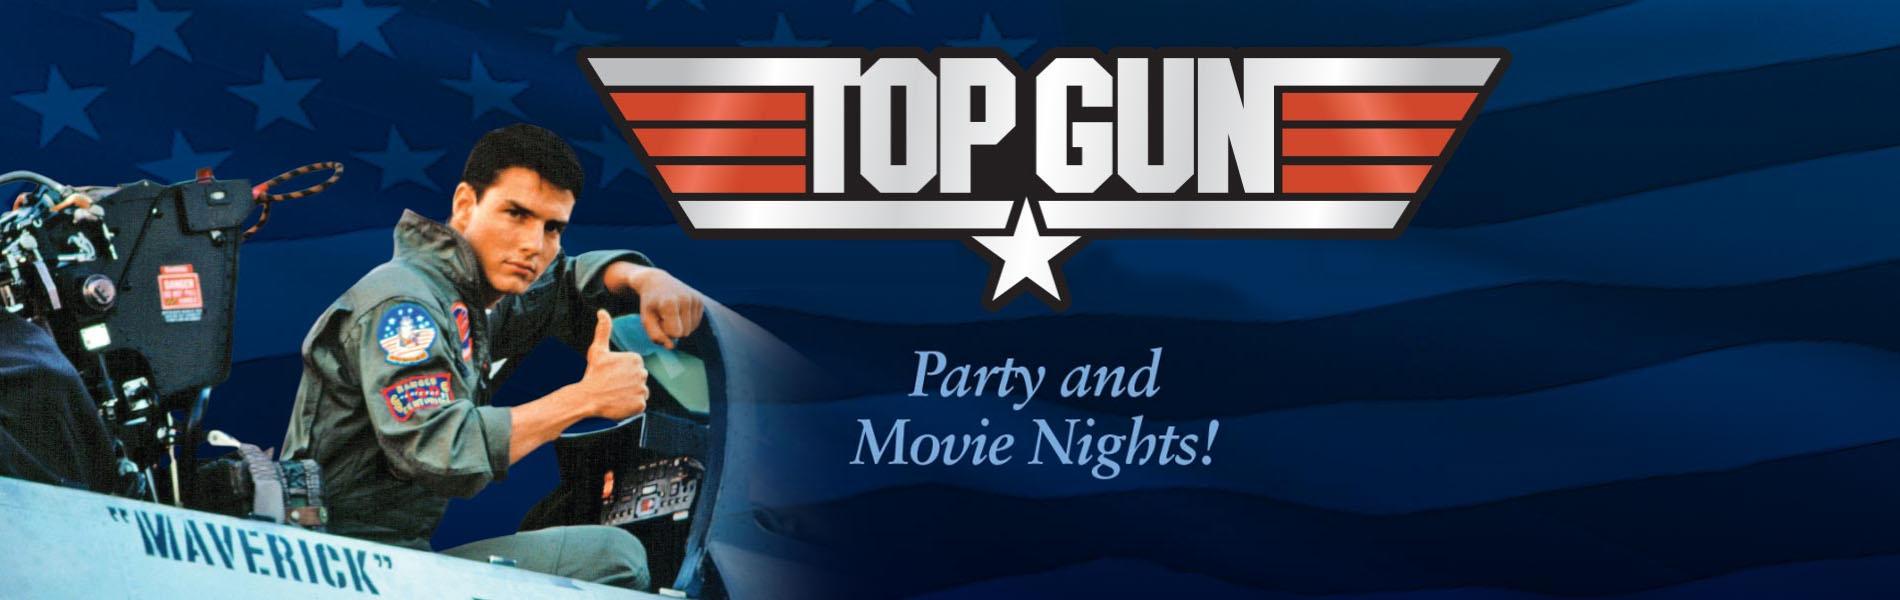 Top Gun porno